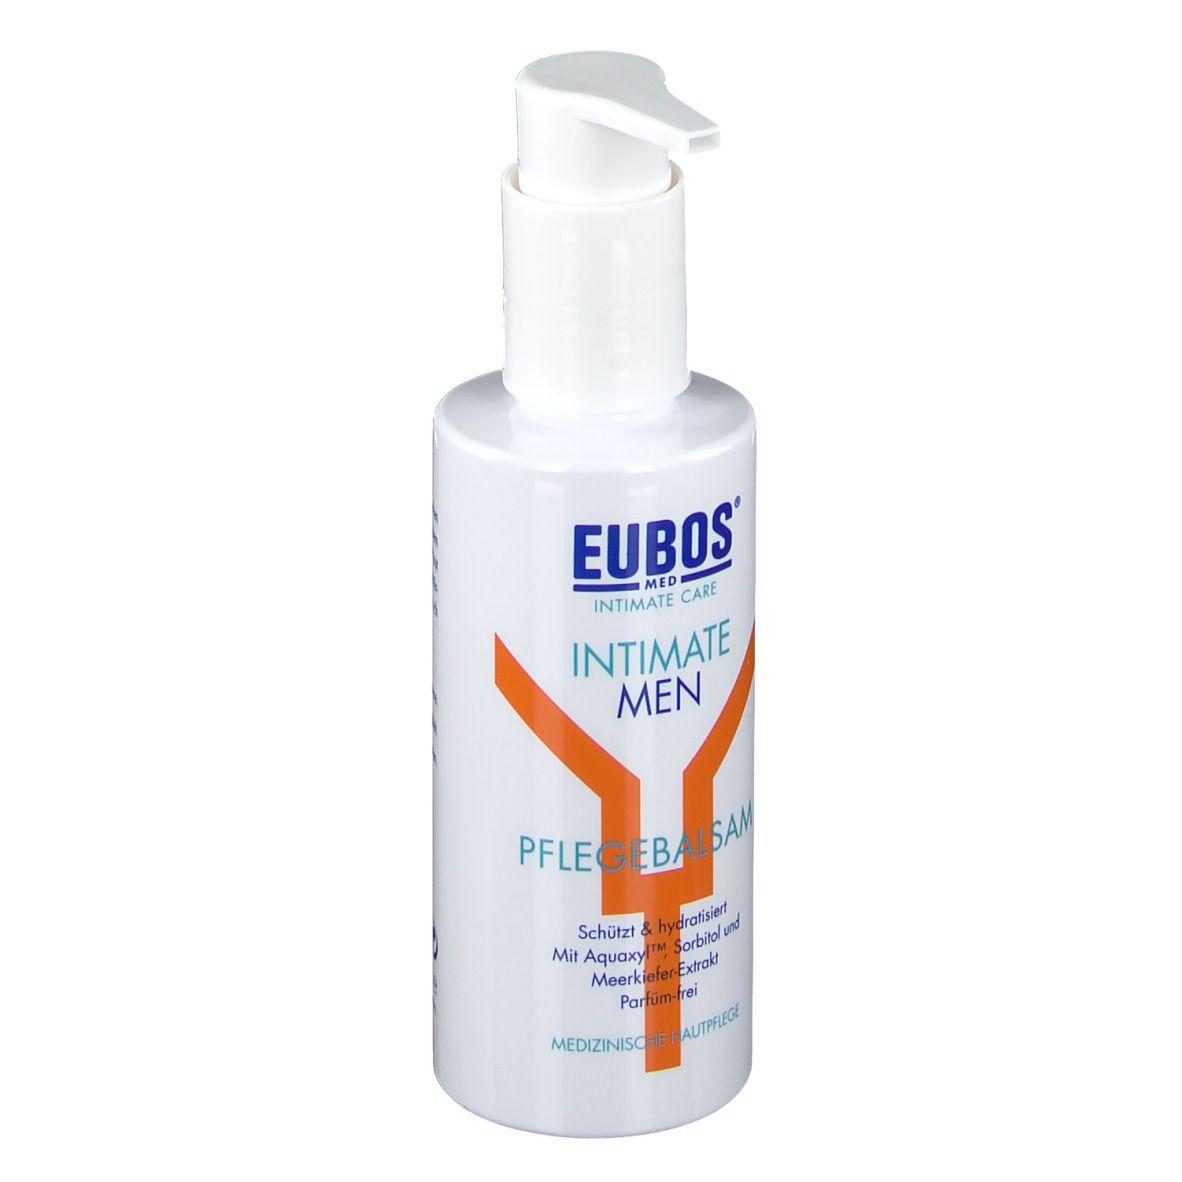 EUBOS® MED INTIMATE MEN Pflegebalsam